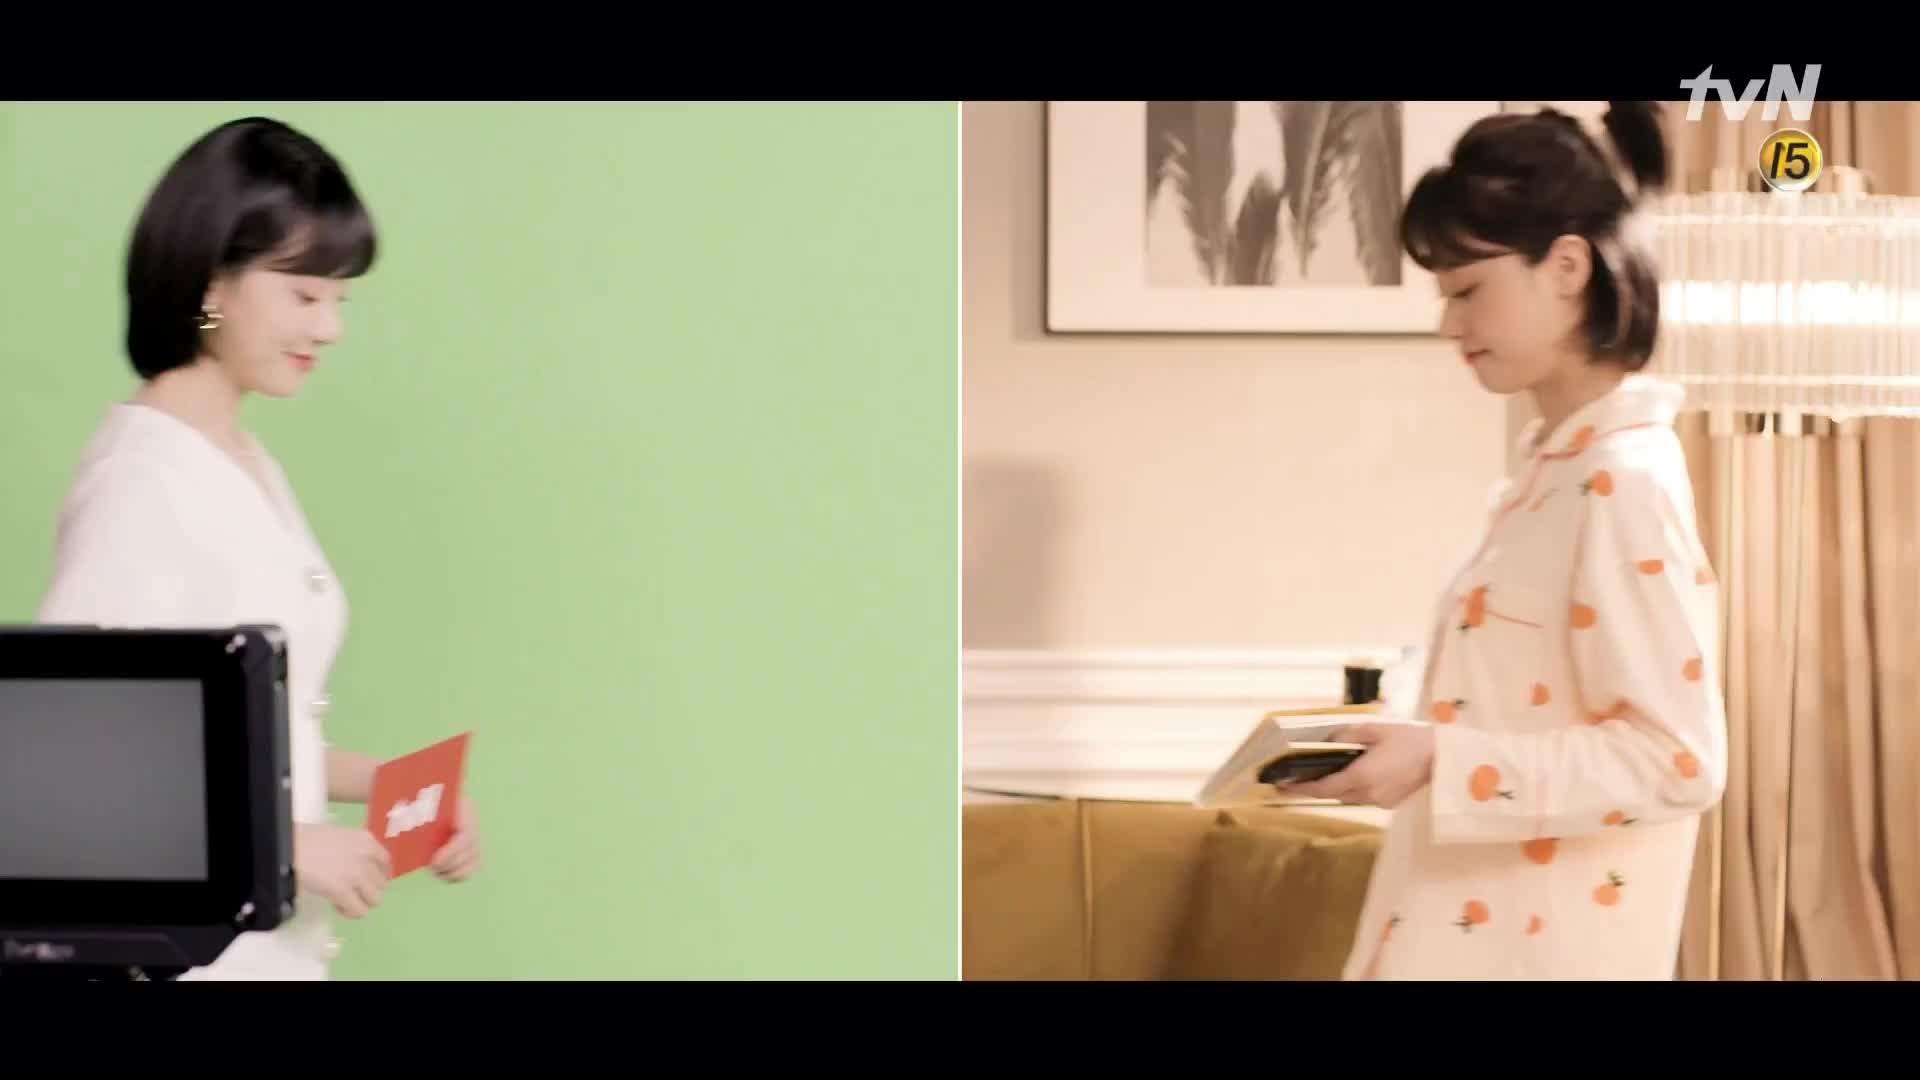 두 얼굴의 김민아? 기상캐스터 [ON] 한껏 늘어지는 [OFF] 김민아의 사적 다큐멘터리